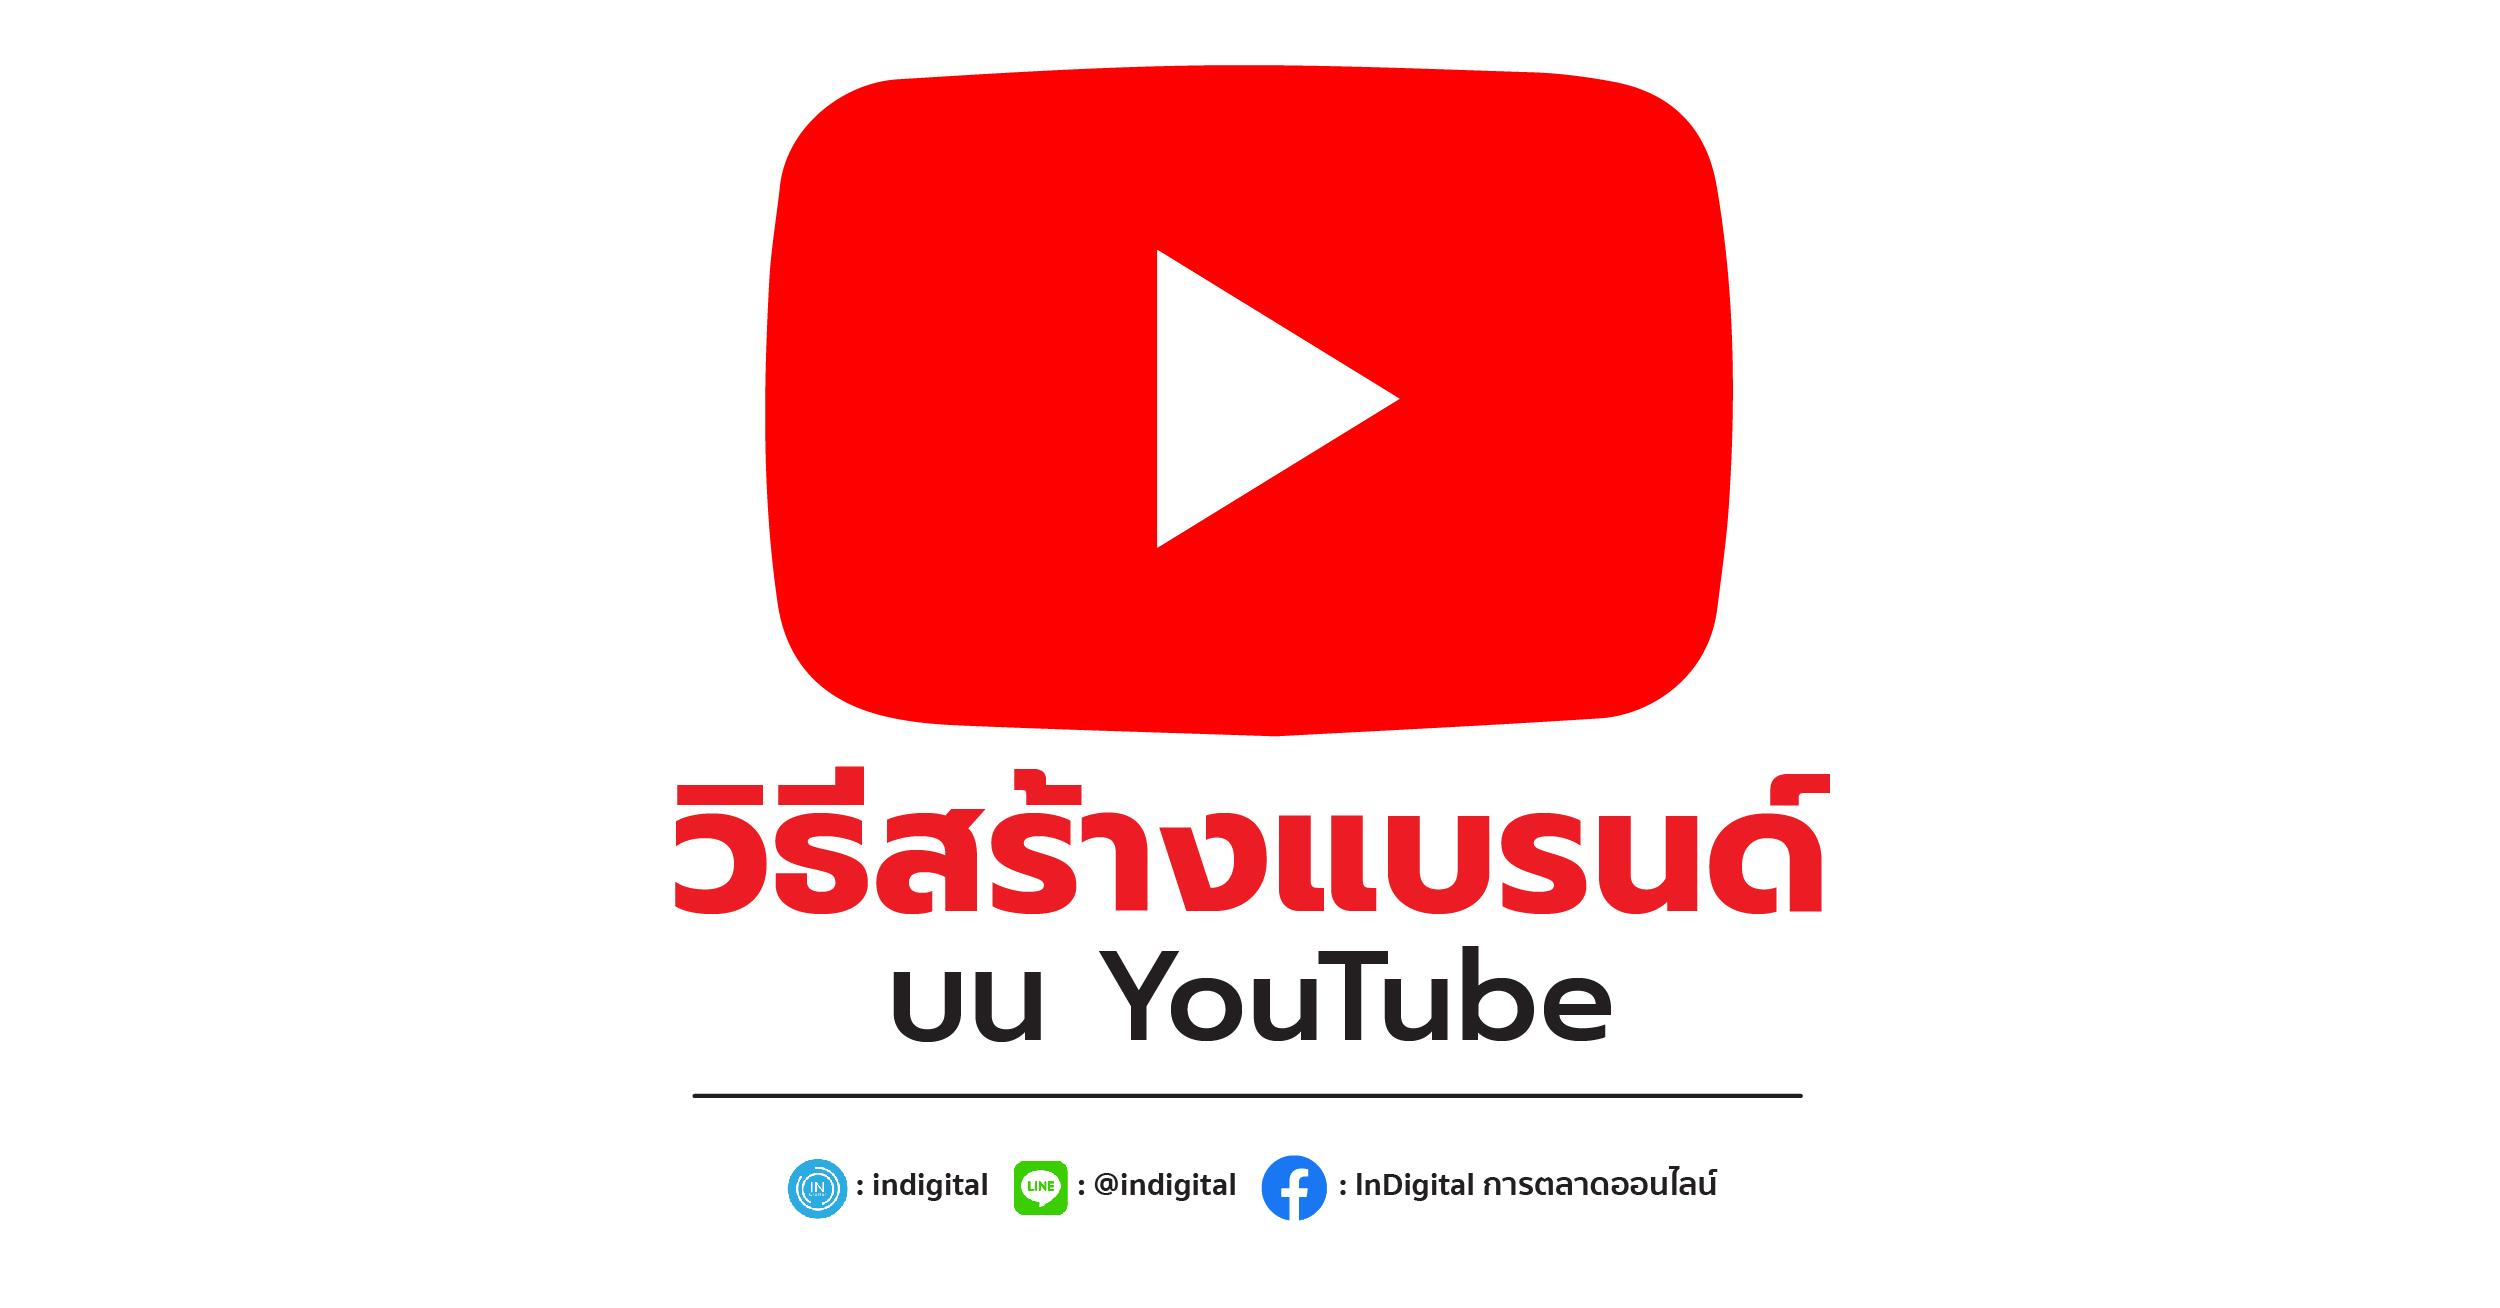 วิธีสร้างแบรนด์บน YouTube